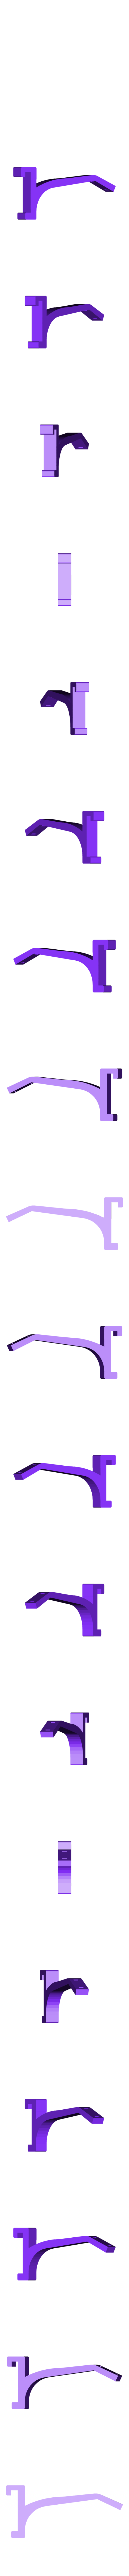 PrusaMK3Lightbar.stl Télécharger fichier STL gratuit Barre lumineuse Prusa MK3 • Plan pour imprimante 3D, Mr_Tantrum